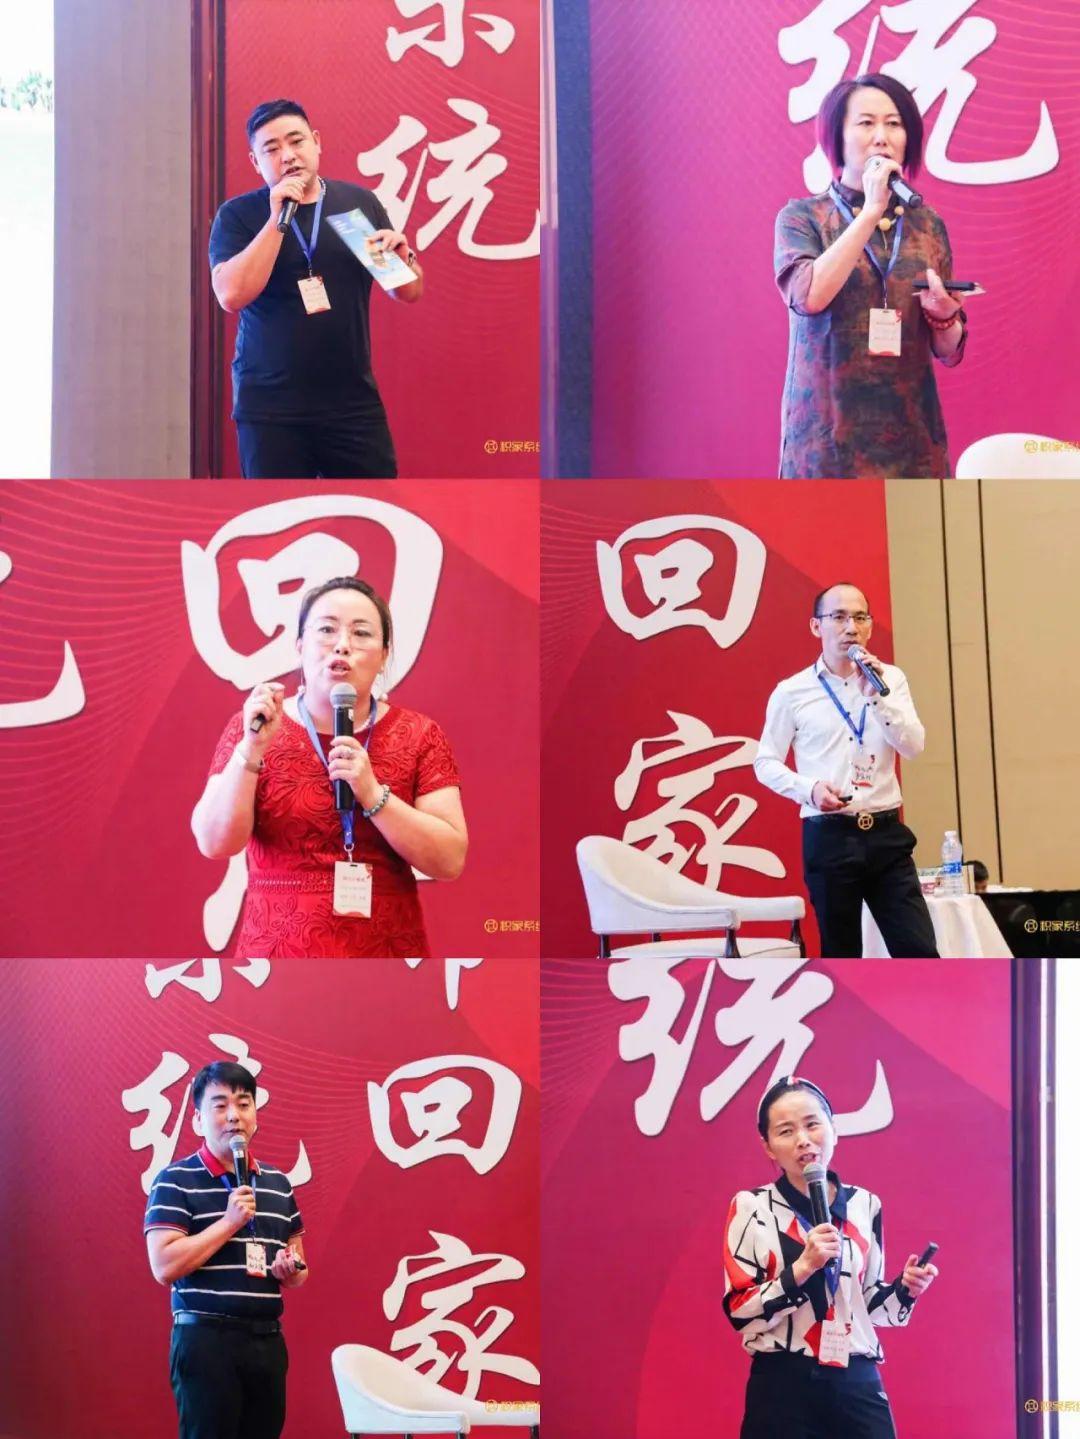 第四十期【中国企业崛起-卖光货】研讨会暨第七届【积宝良品选拔/采购大会】圆满成功!